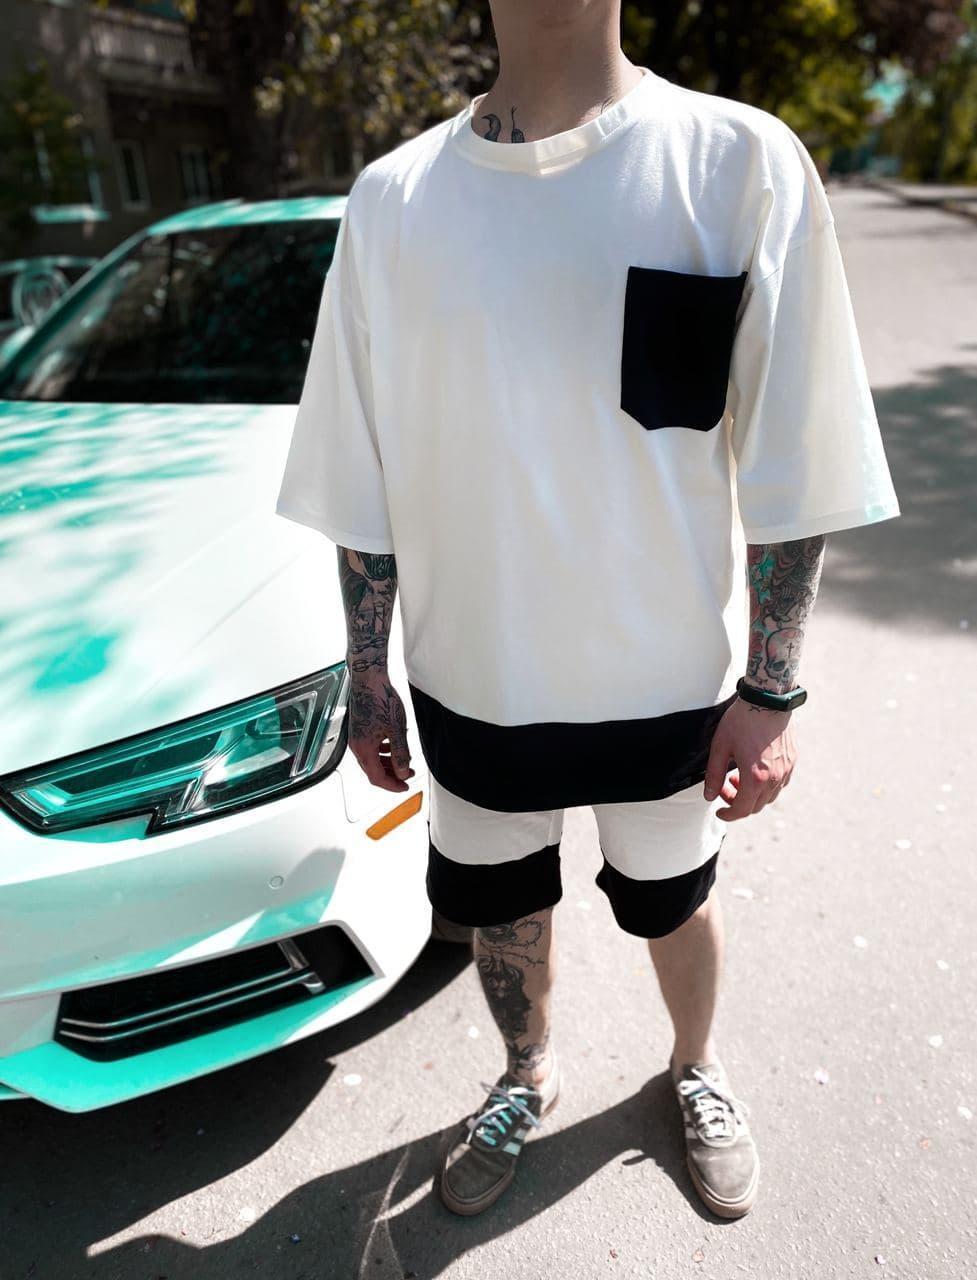 Чоловічий спортивний костюм/комплект білий з кишенею літо. Футболка + шорти Туреччина